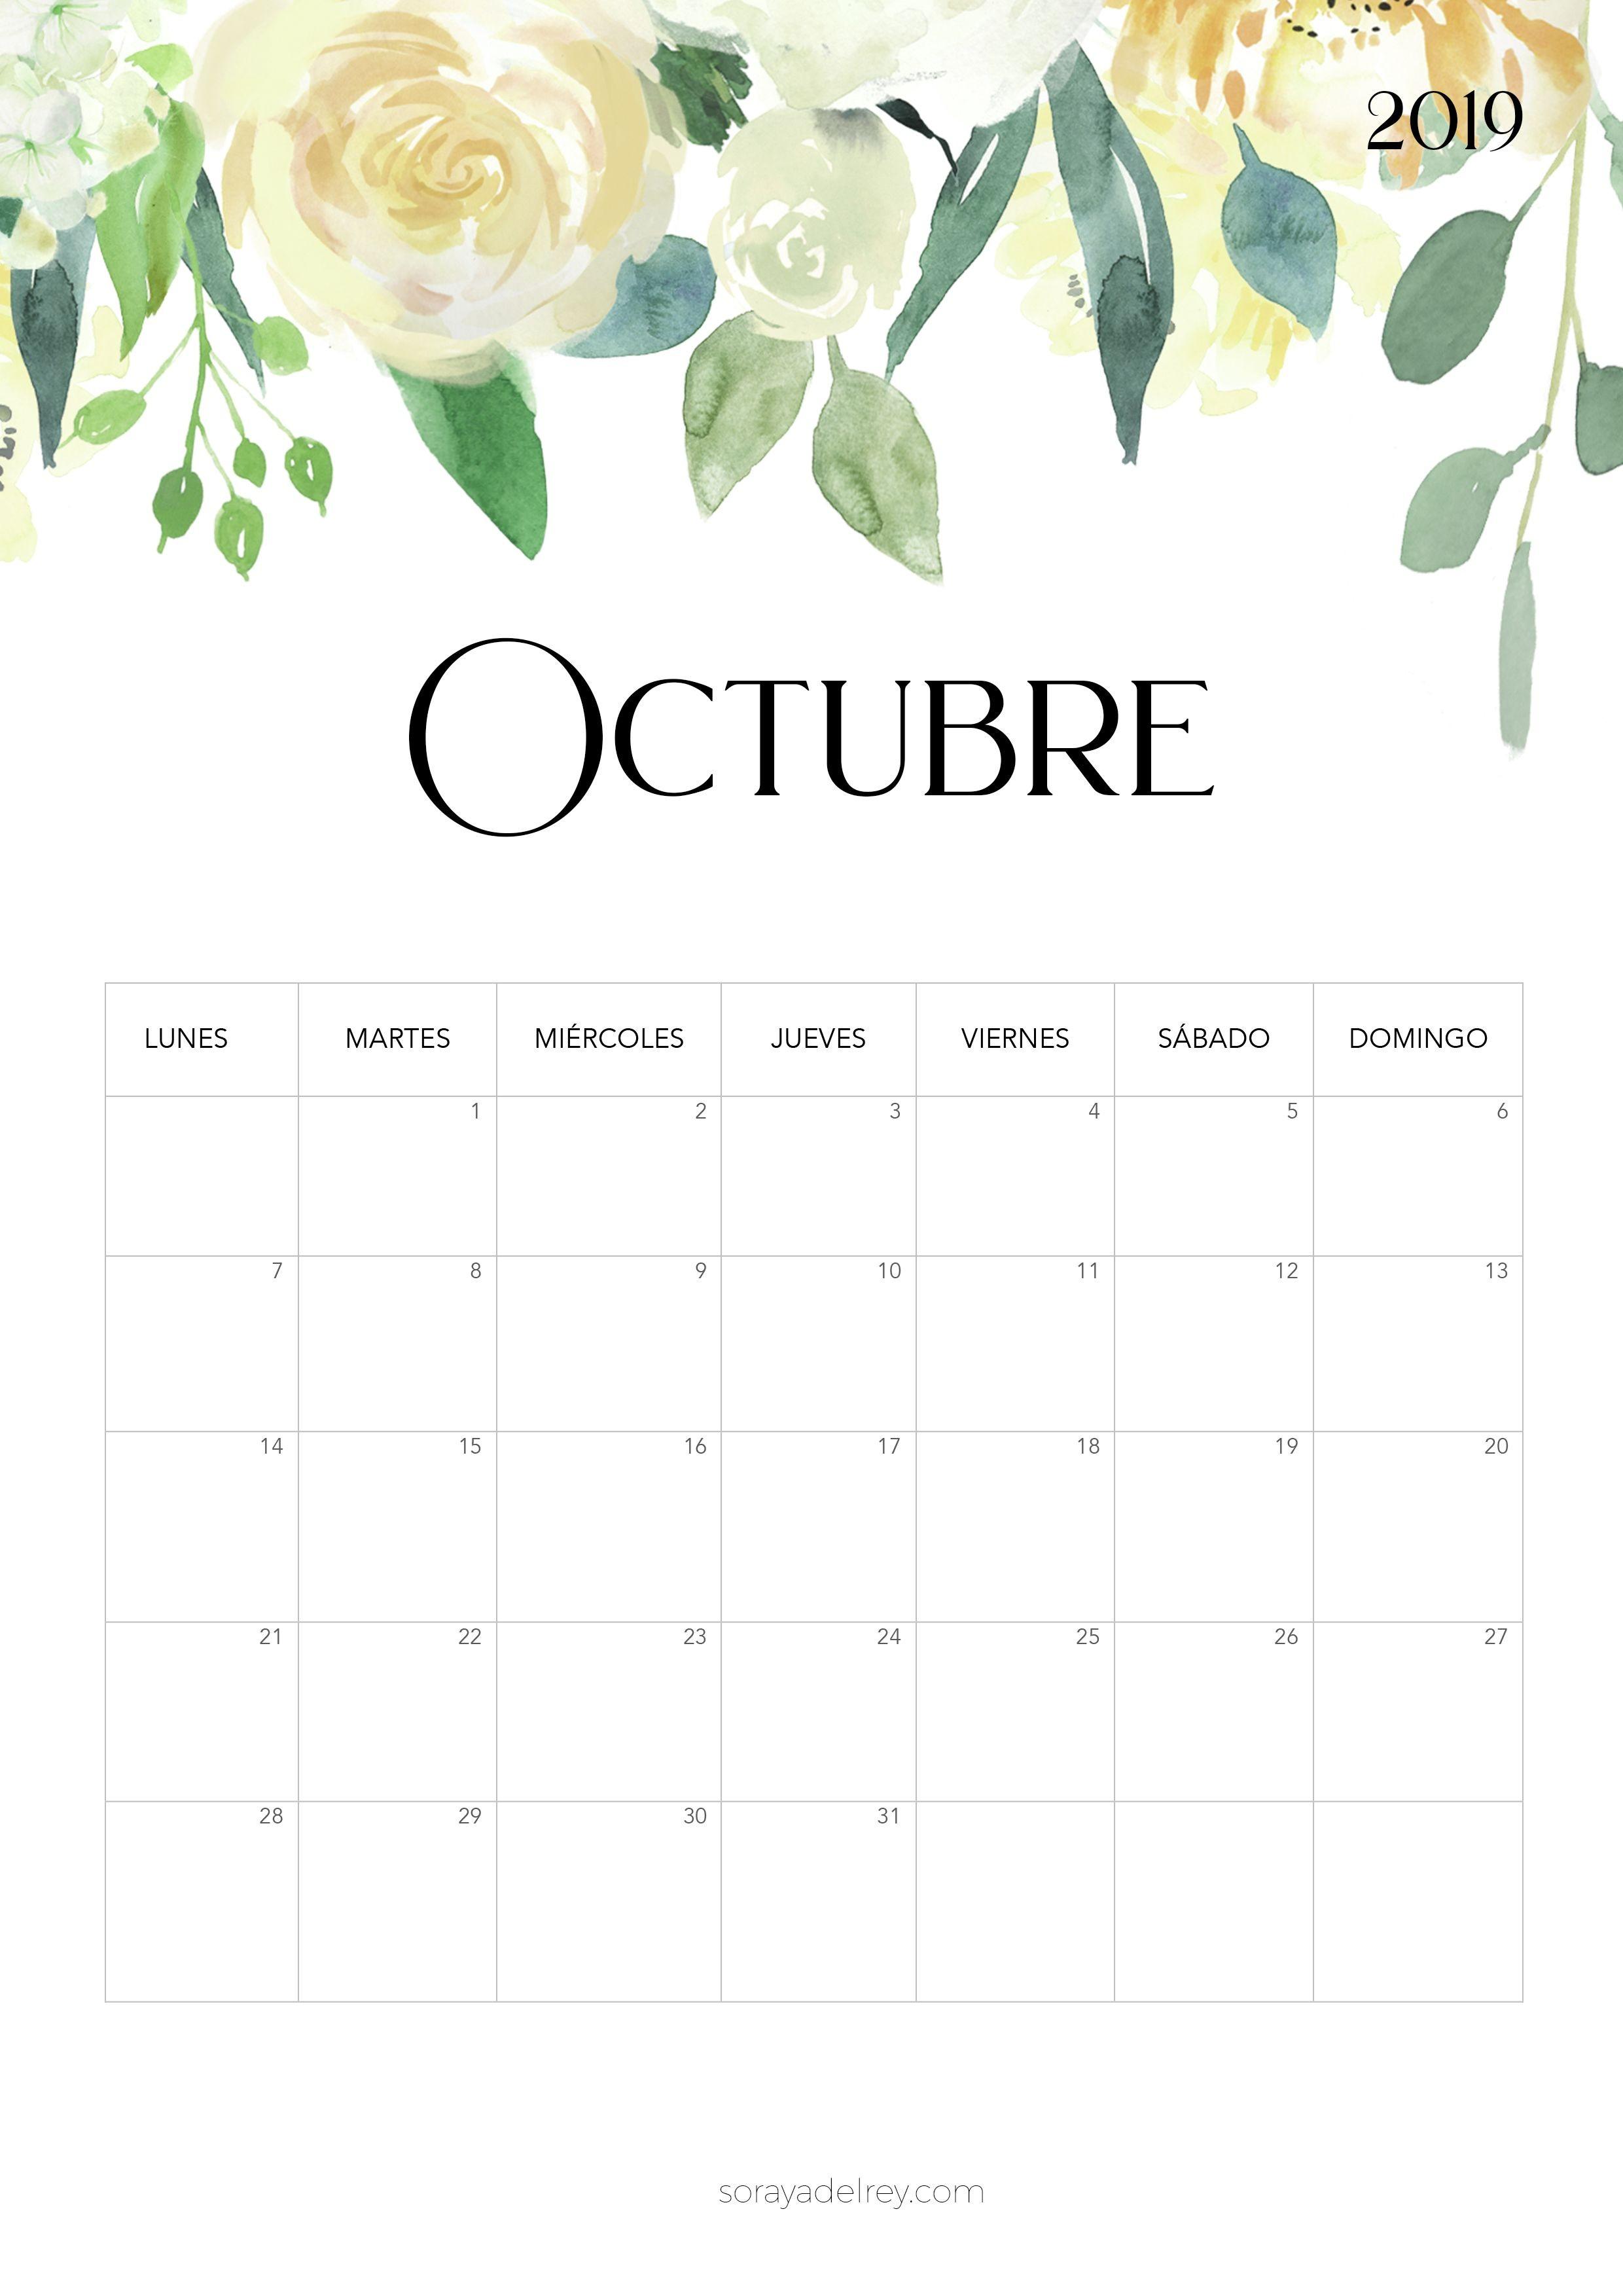 Calendario Octubre 2019 Para Imprimir Más Recientes Calendario Para Imprimir 2018 2019 Of Calendario Octubre 2019 Para Imprimir Más Recientes Eur Lex R2447 En Eur Lex